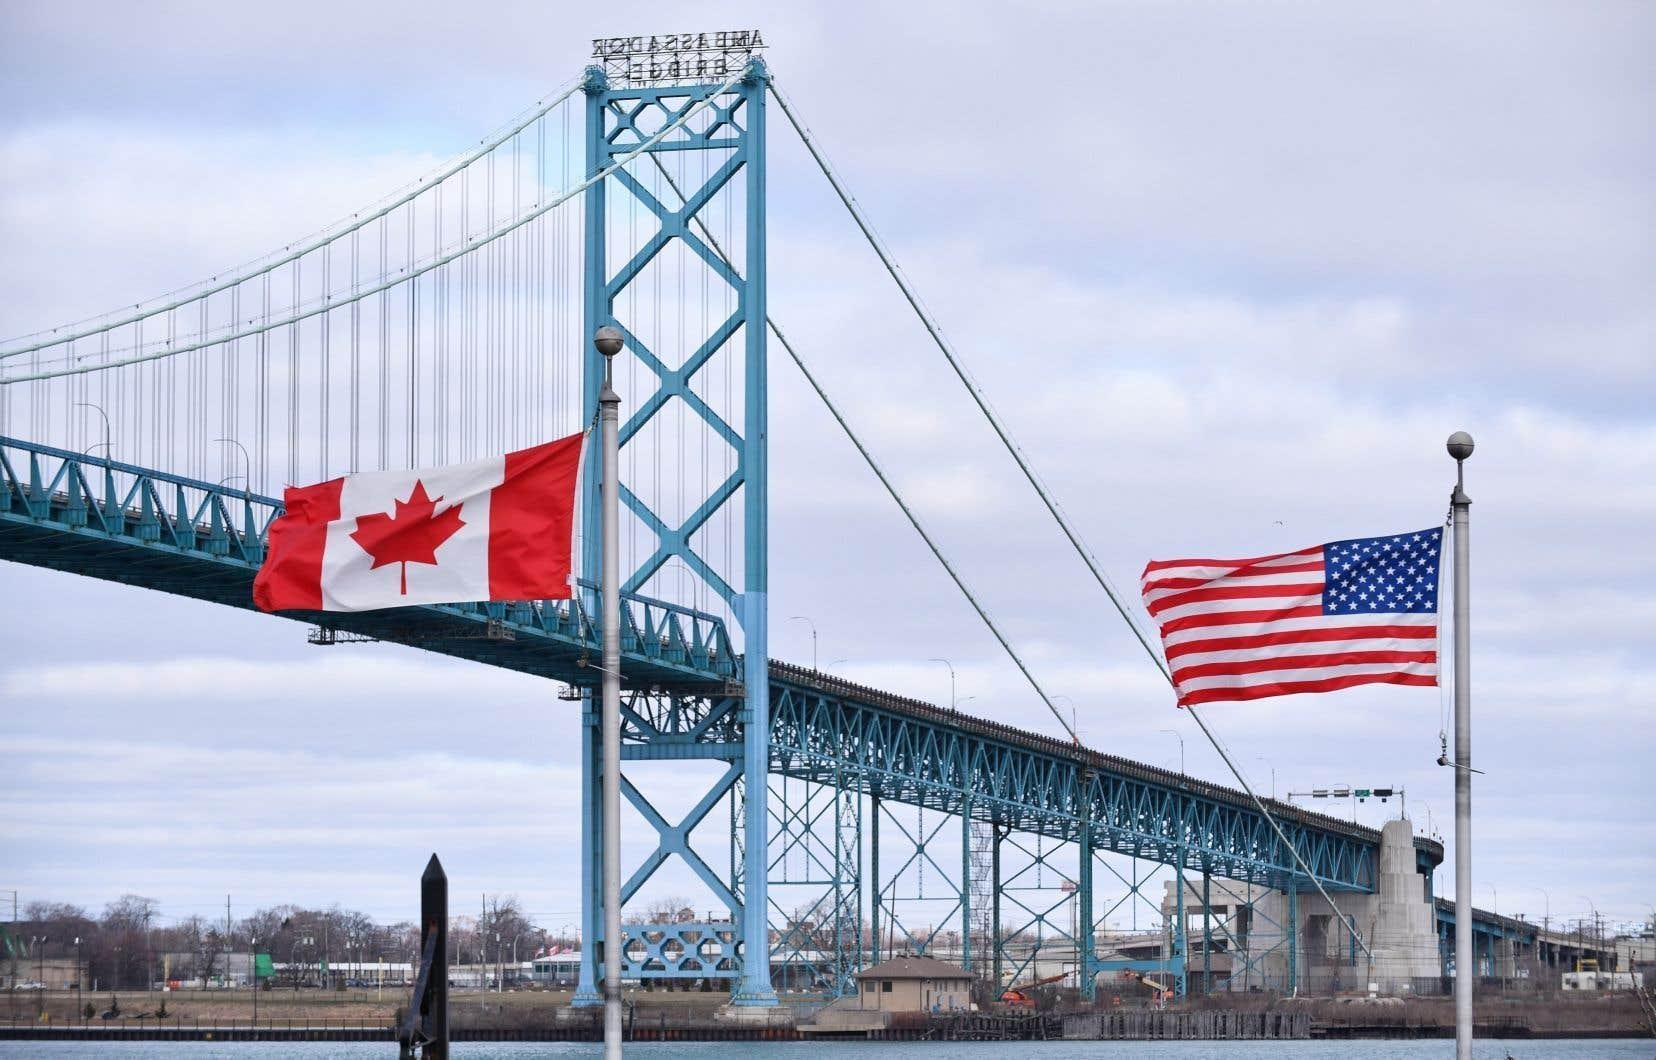 La frontière canado-américaine est fermée aux voyages non essentiels depuis le début de la pandémie de COVID-19, à la mi-mars.